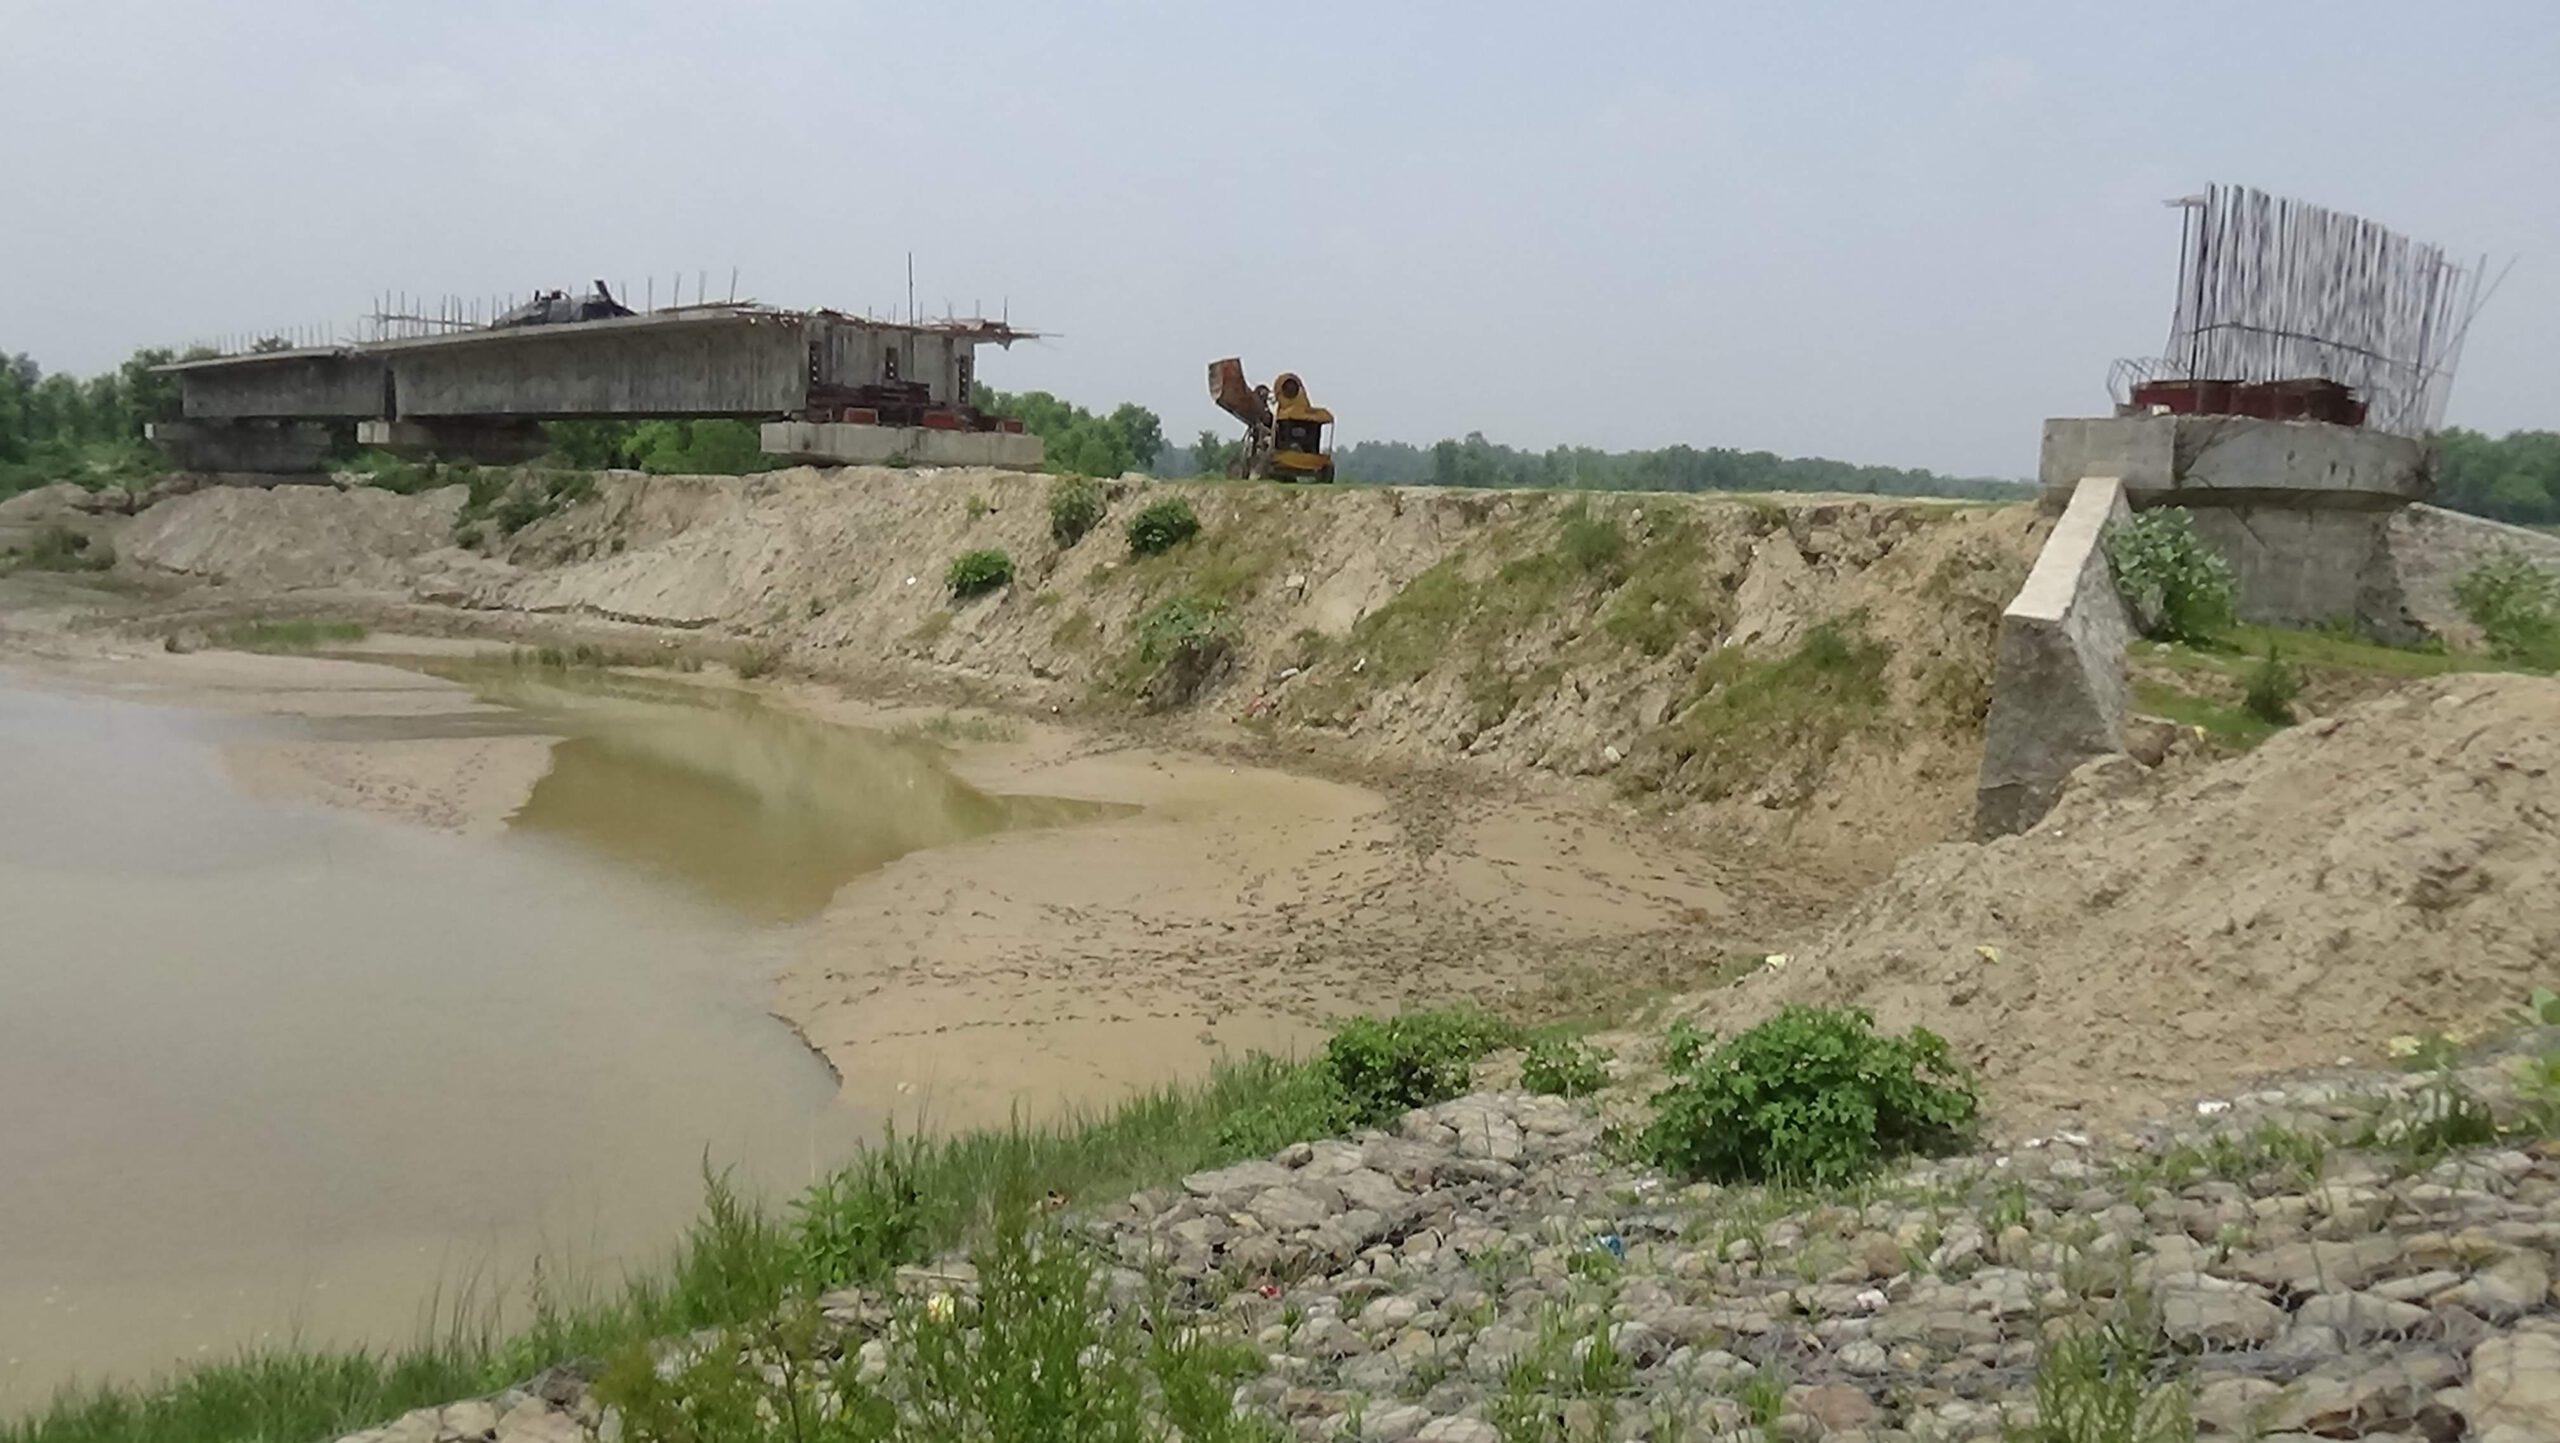 छ बर्ष सम्म पनि बनेन मोहना राजघाट पुल स्थानीय पैसा तिरेर काठको पुल प्रयोग गर्न बाध्य